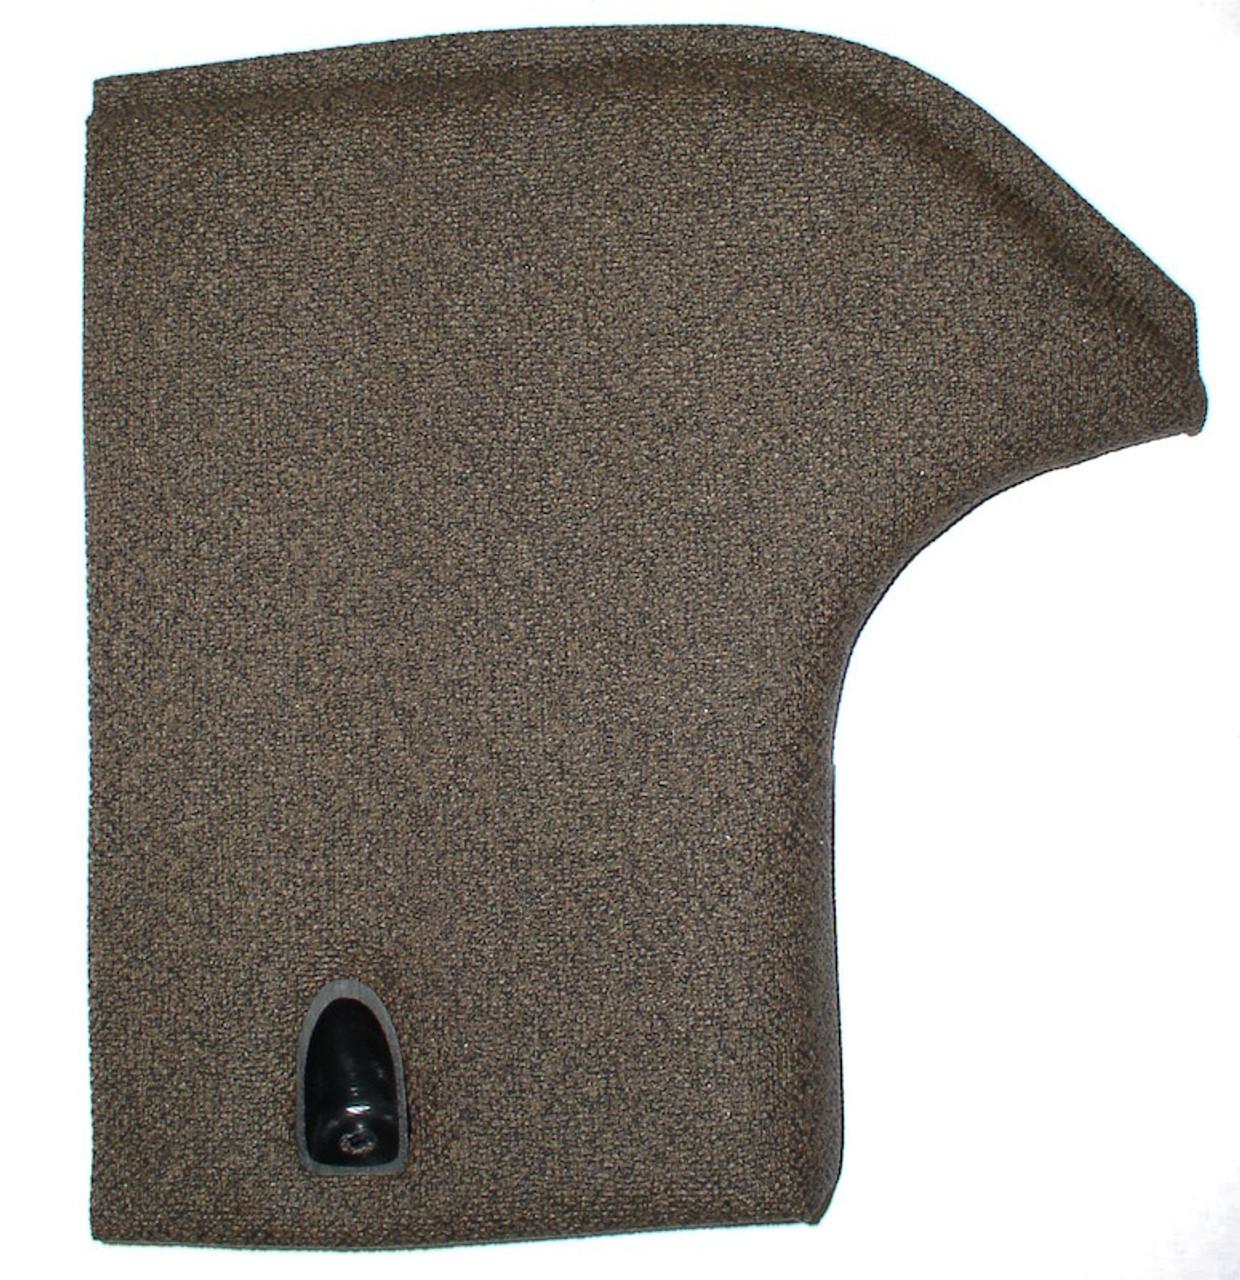 Fuse Access Door Panel John Deere 4055 4255 4455 4555 4755 4955 – John Deere 4755 Fuse Panel Diagram